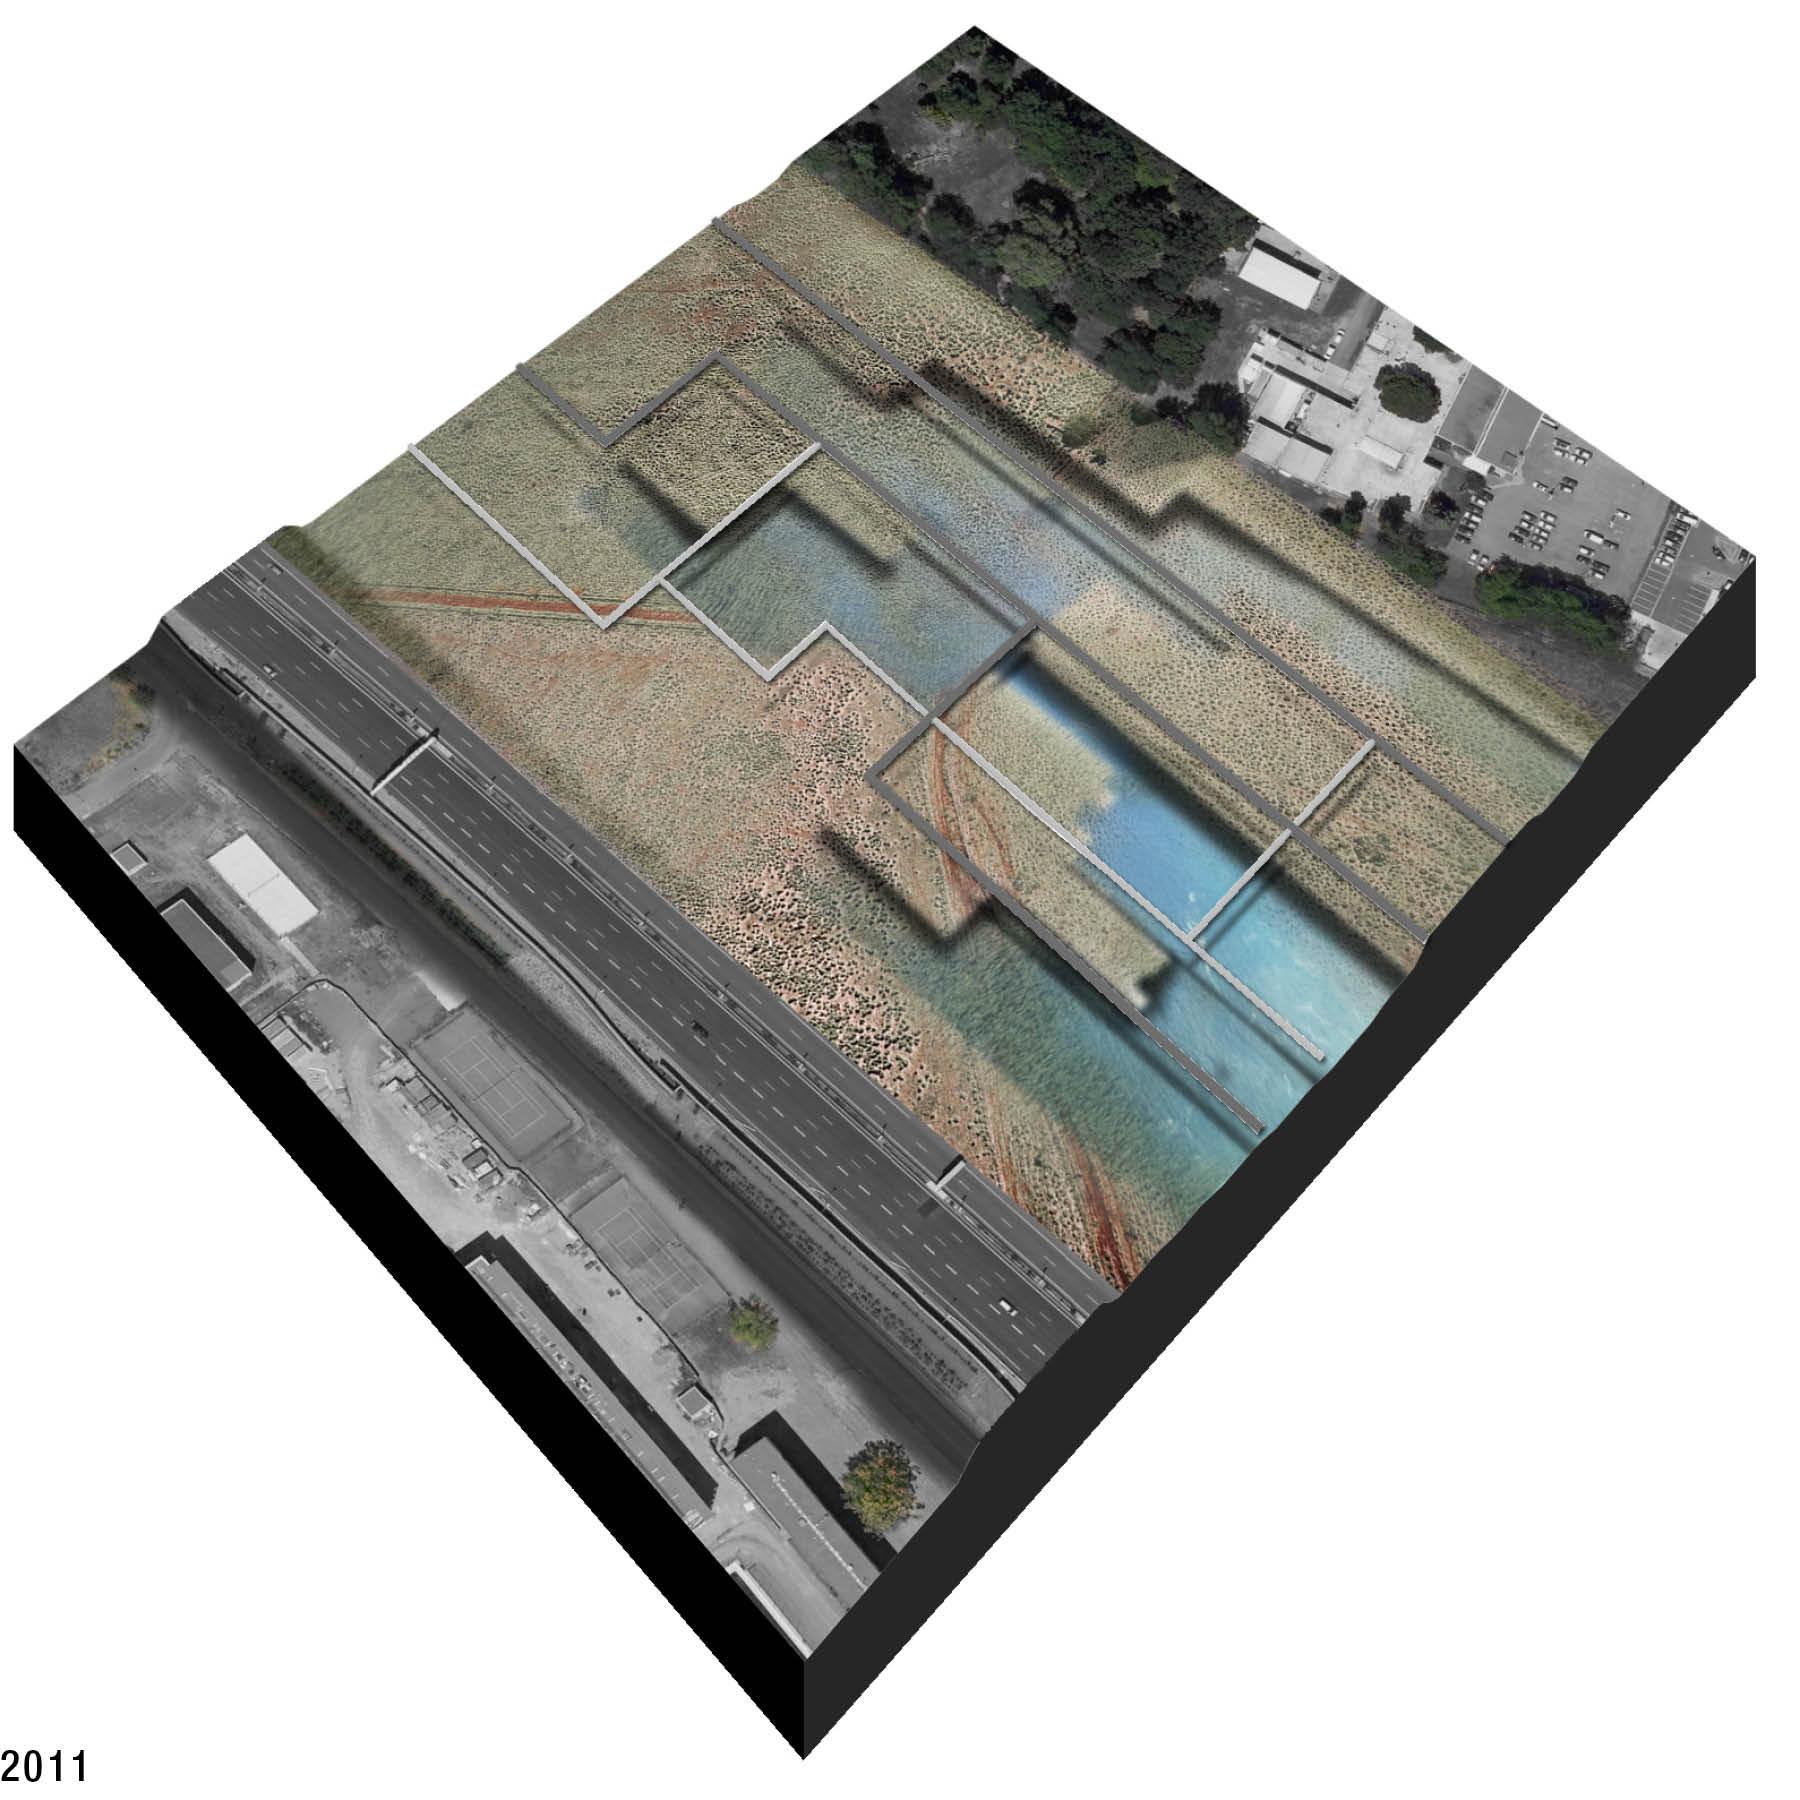 hinterlands-montaudran-09.jpg